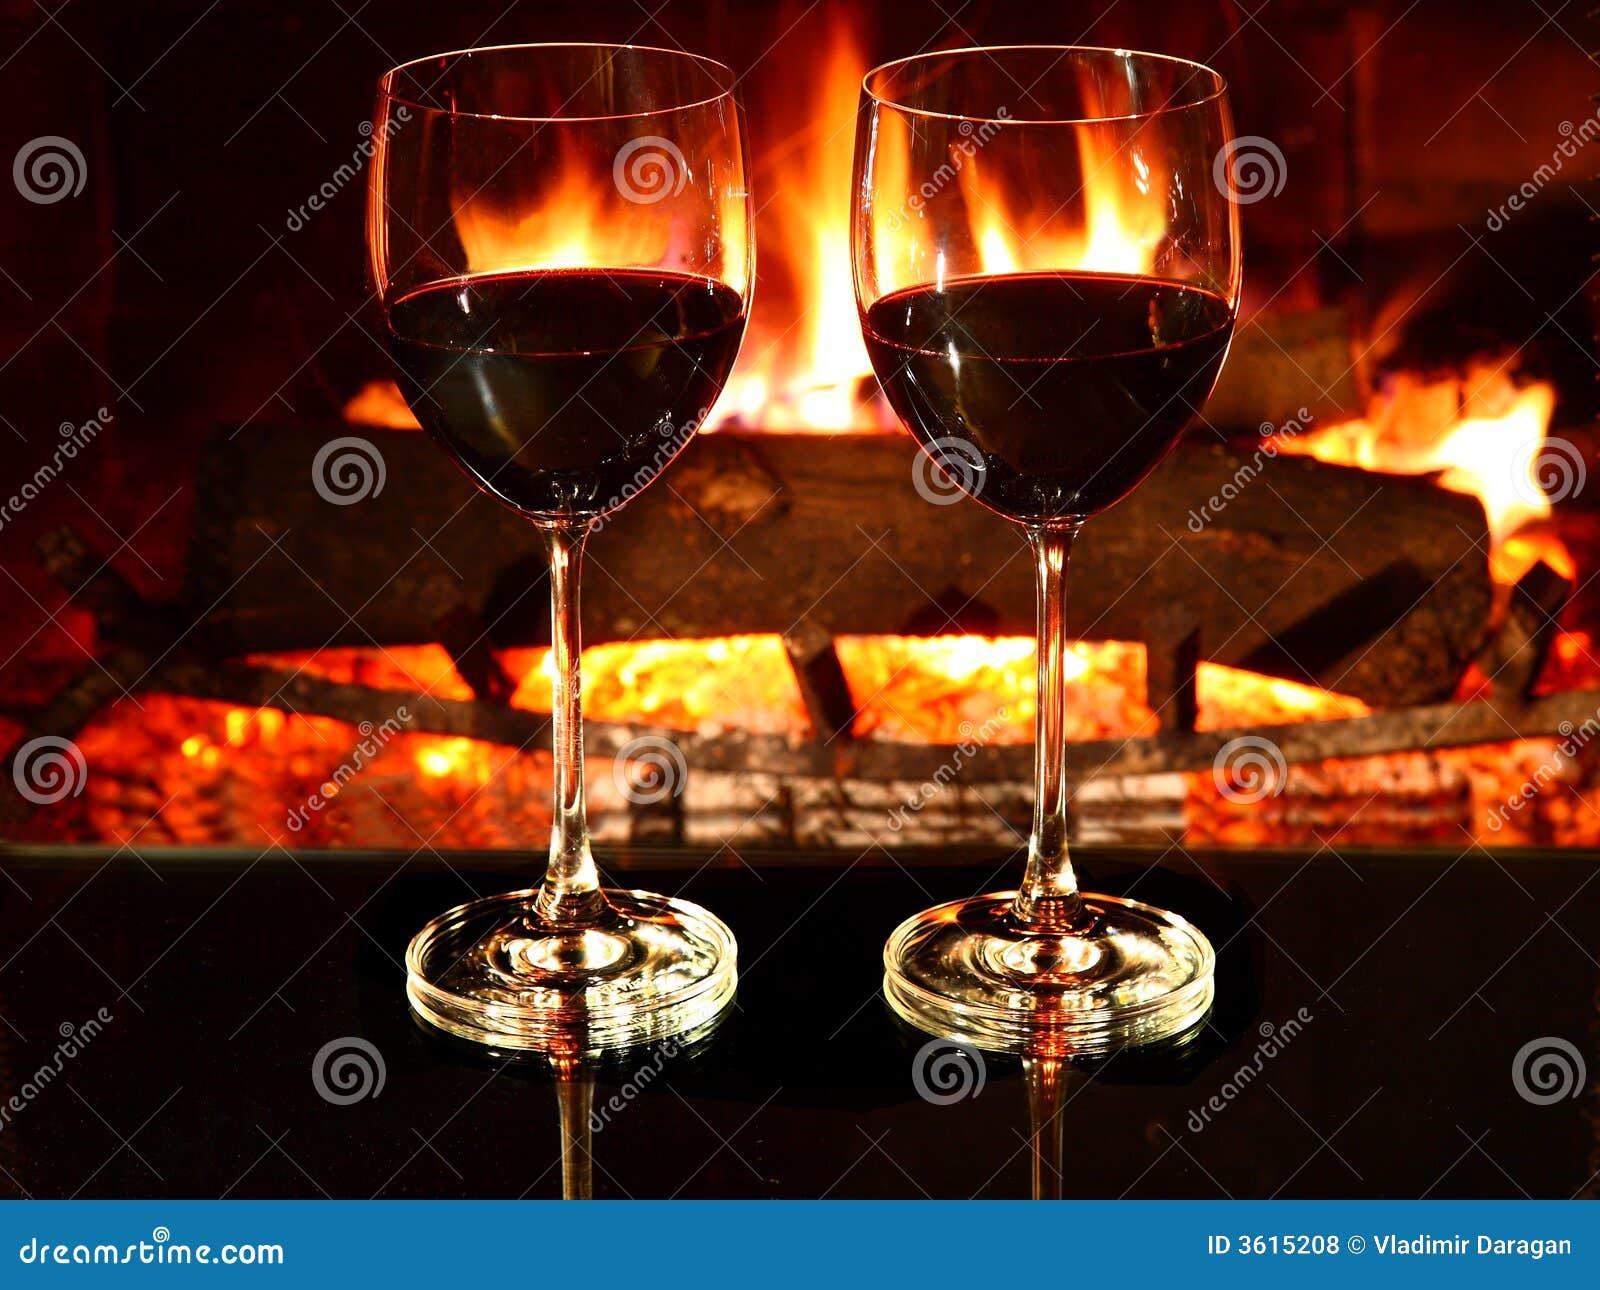 romantisches abendessen wein kamin stockfoto bild 3615208. Black Bedroom Furniture Sets. Home Design Ideas